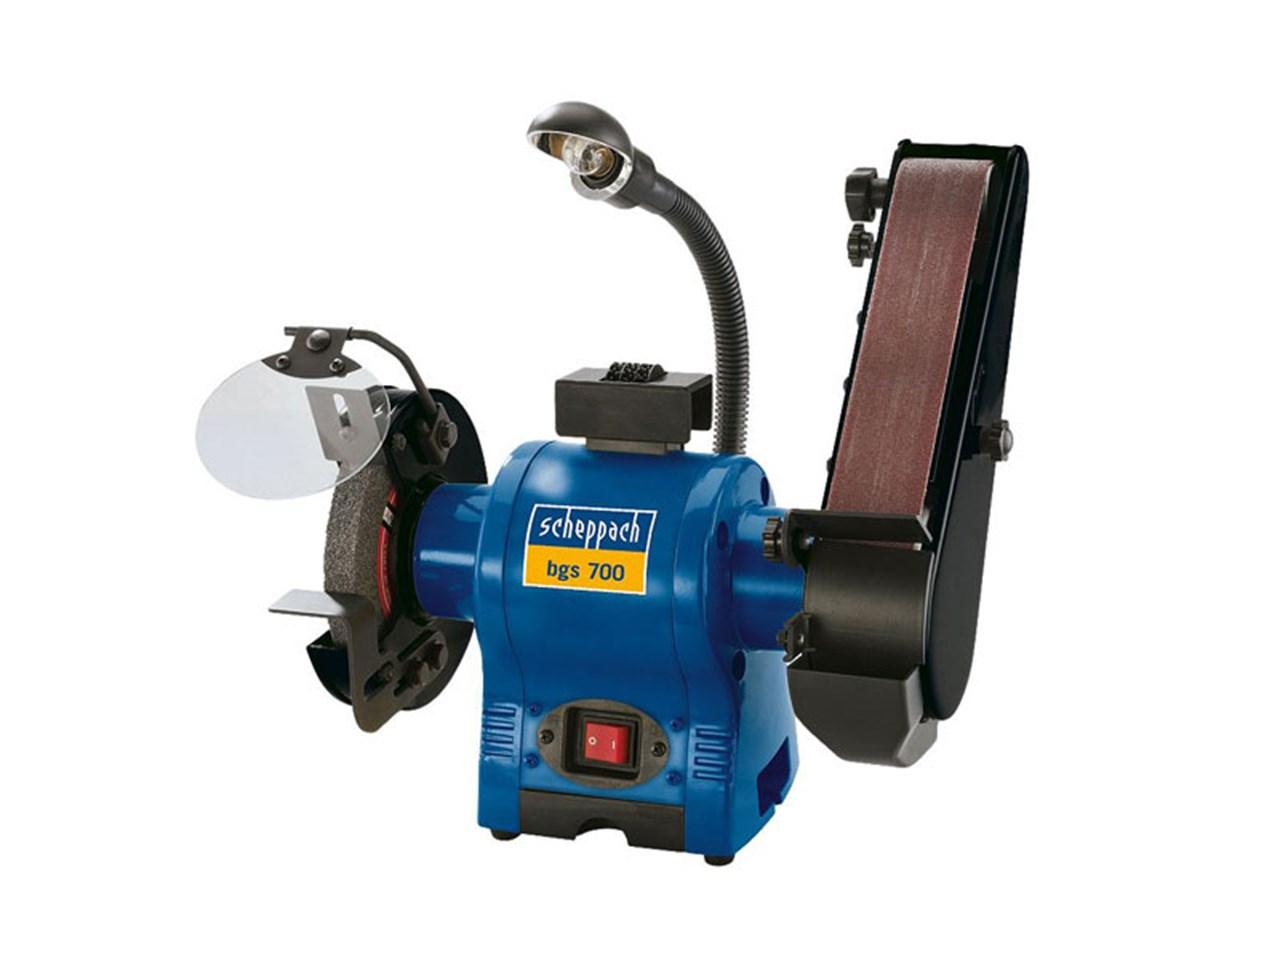 Scheppach bgs700 240v grinder and belt sander linisher for Table grinder